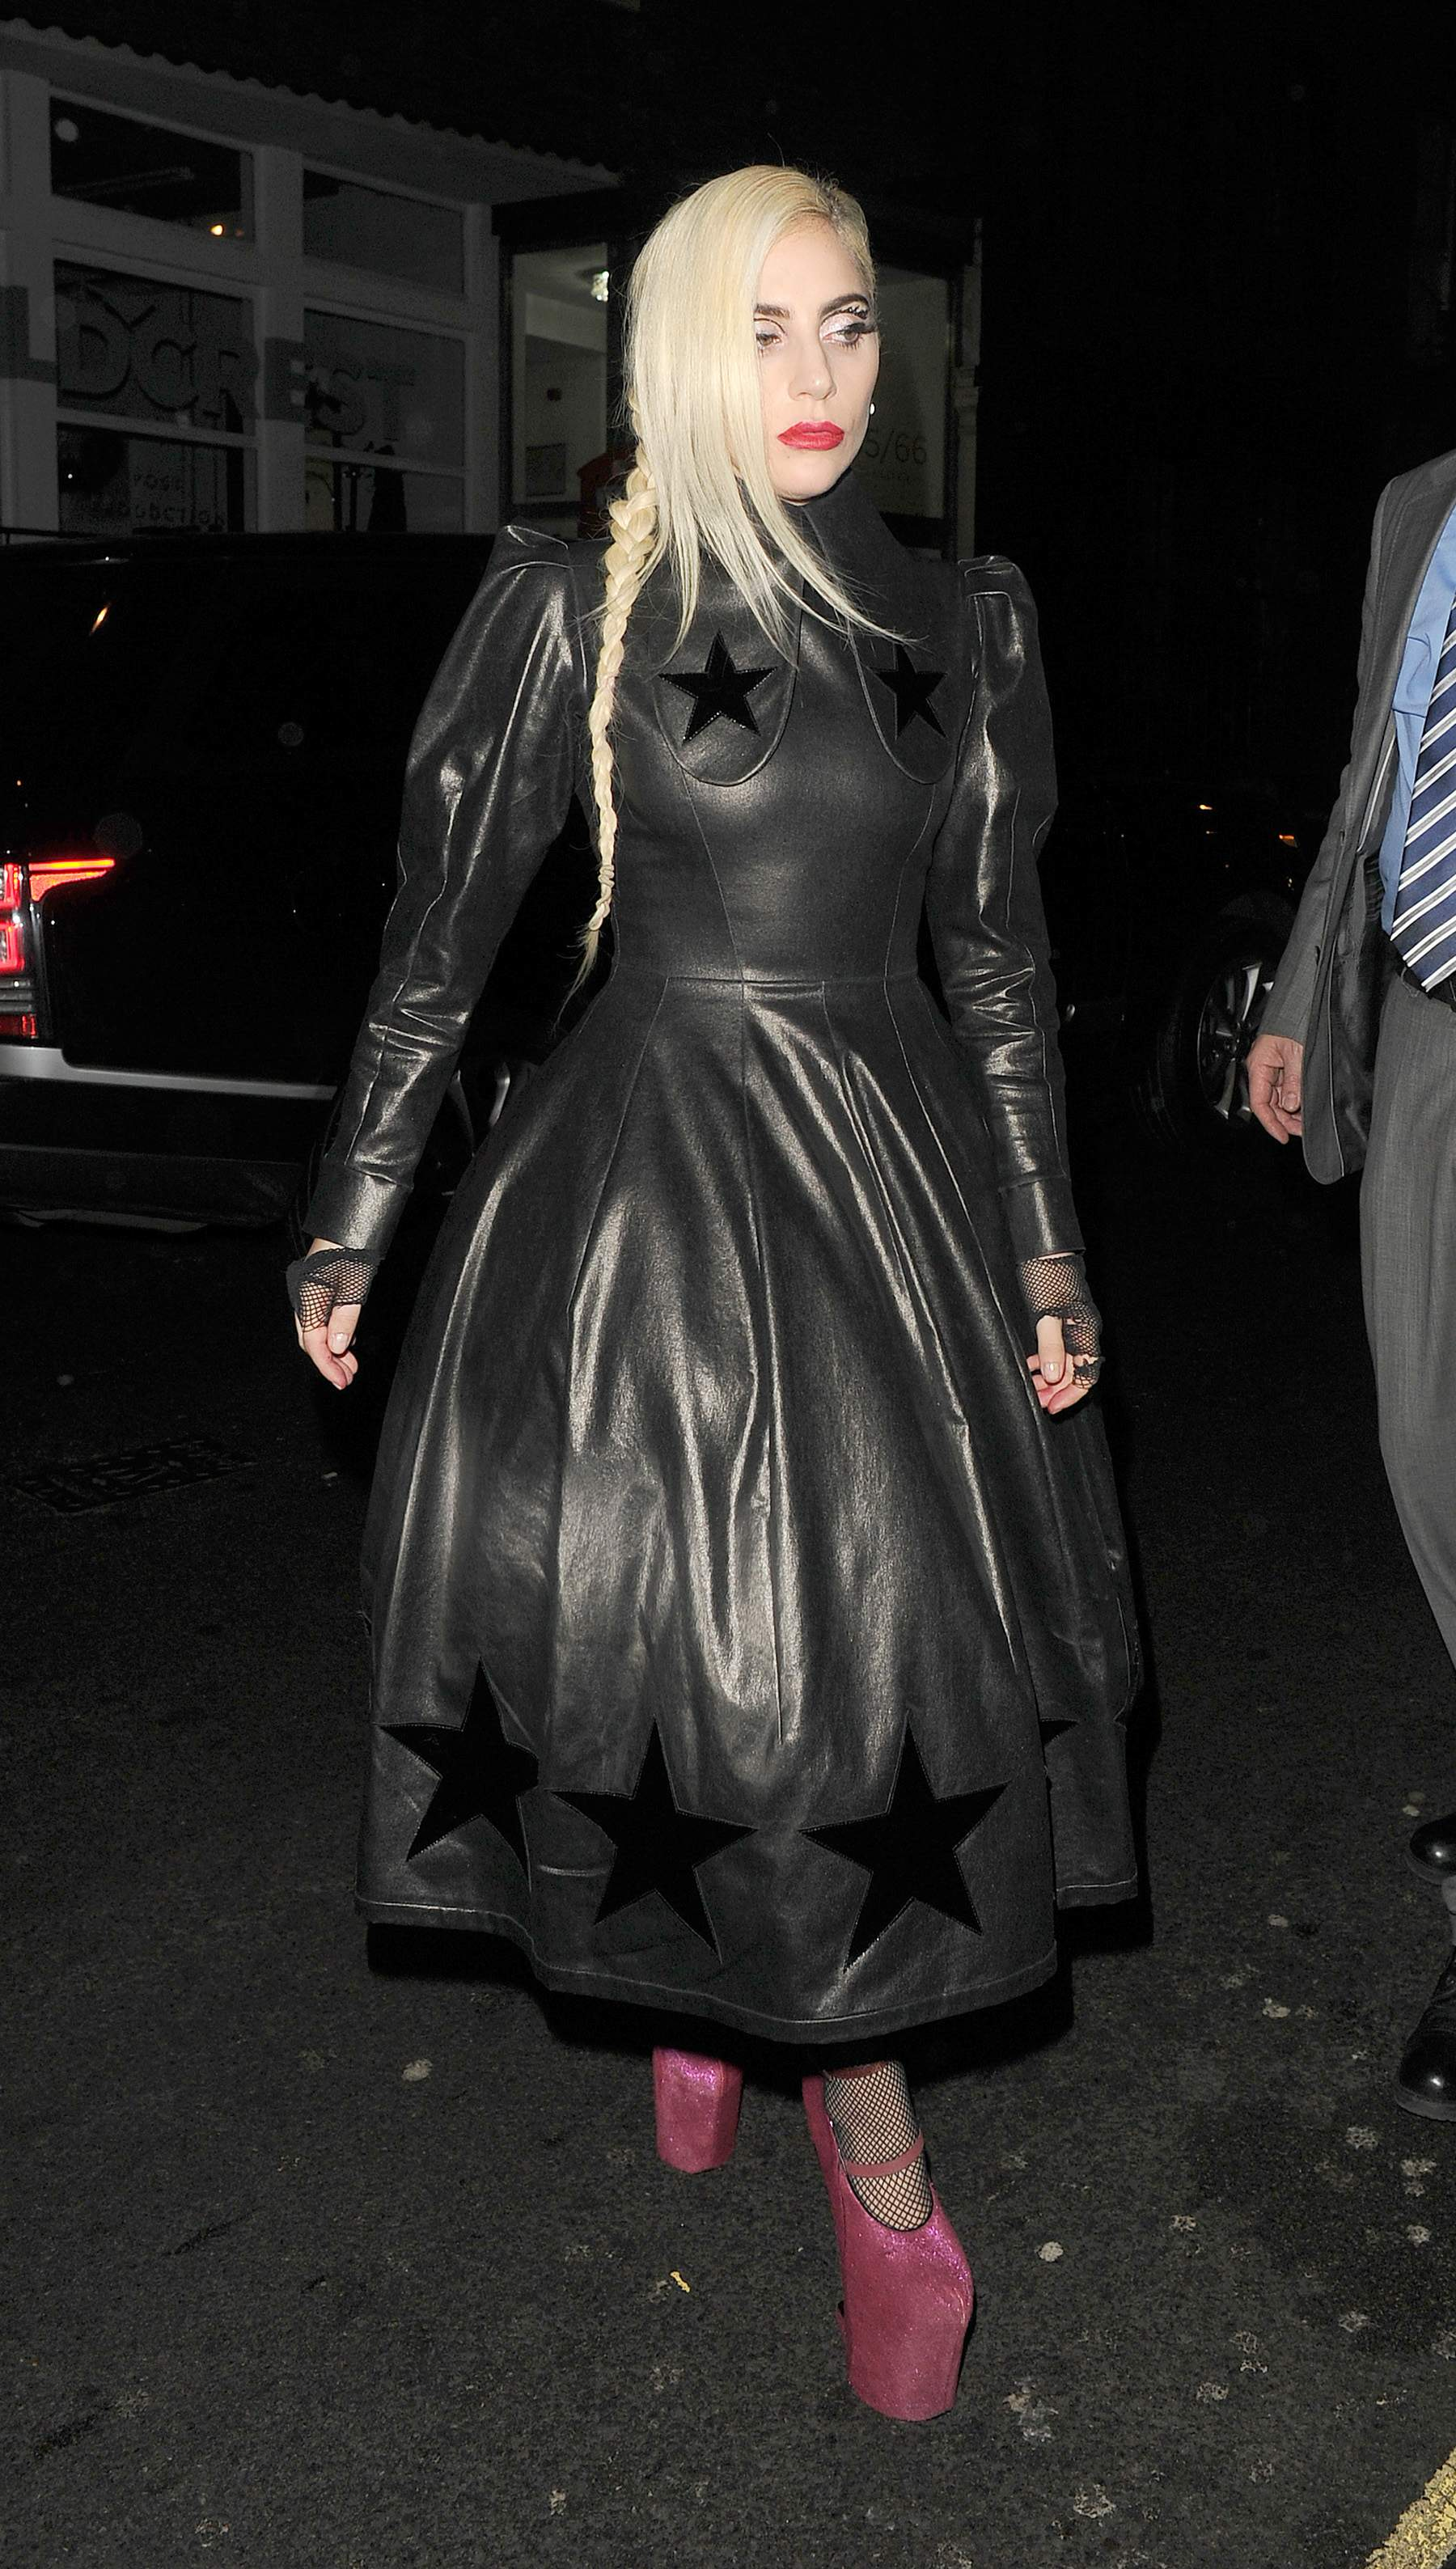 Lady Gaga leaving Groucho club